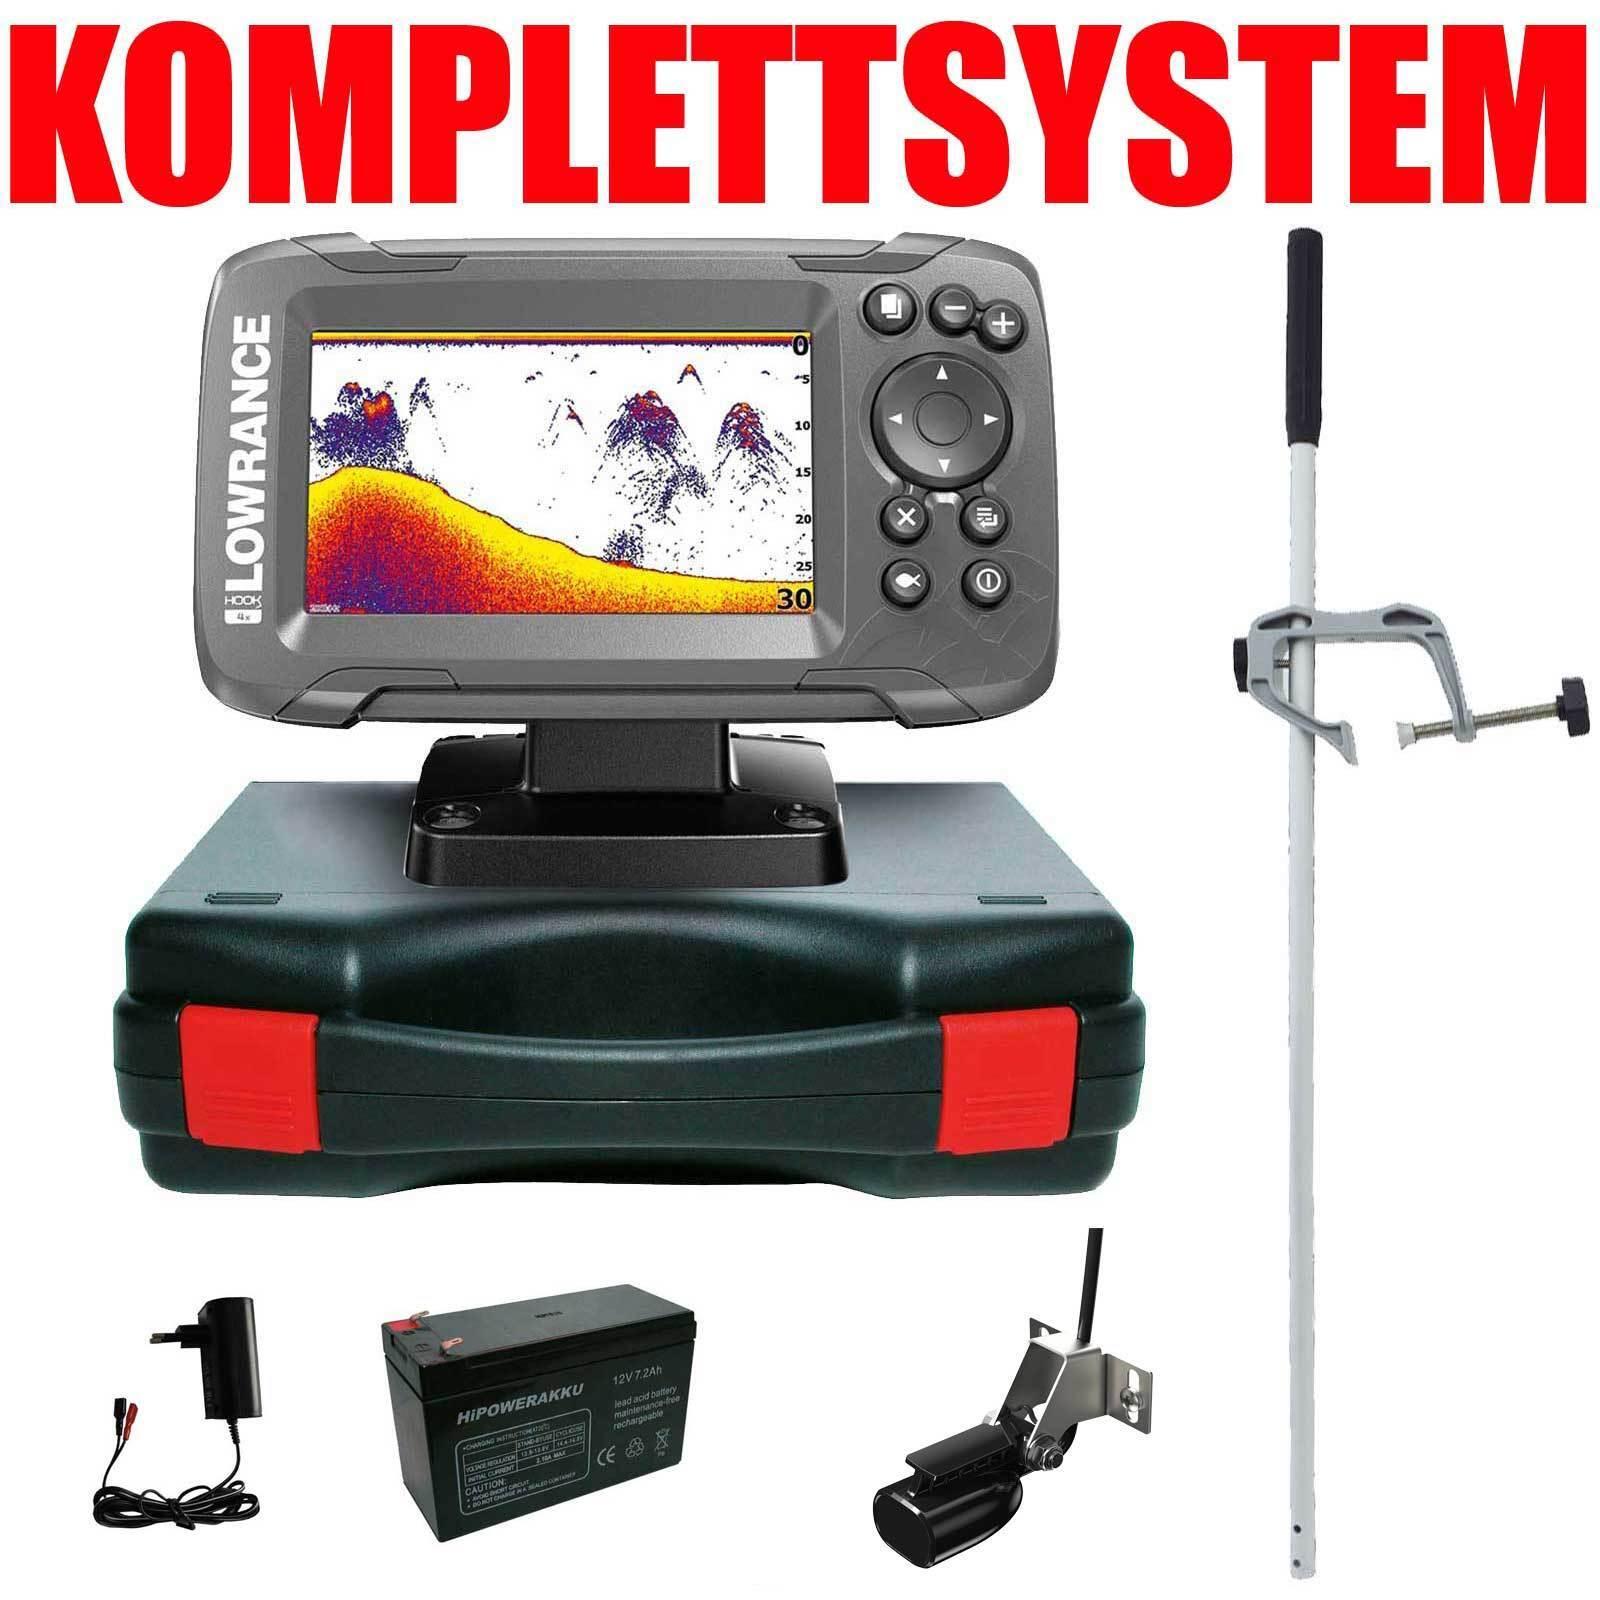 Pescado de sonar Lowrance Finder portable principal sistema completo de edición Hook2 4 x.